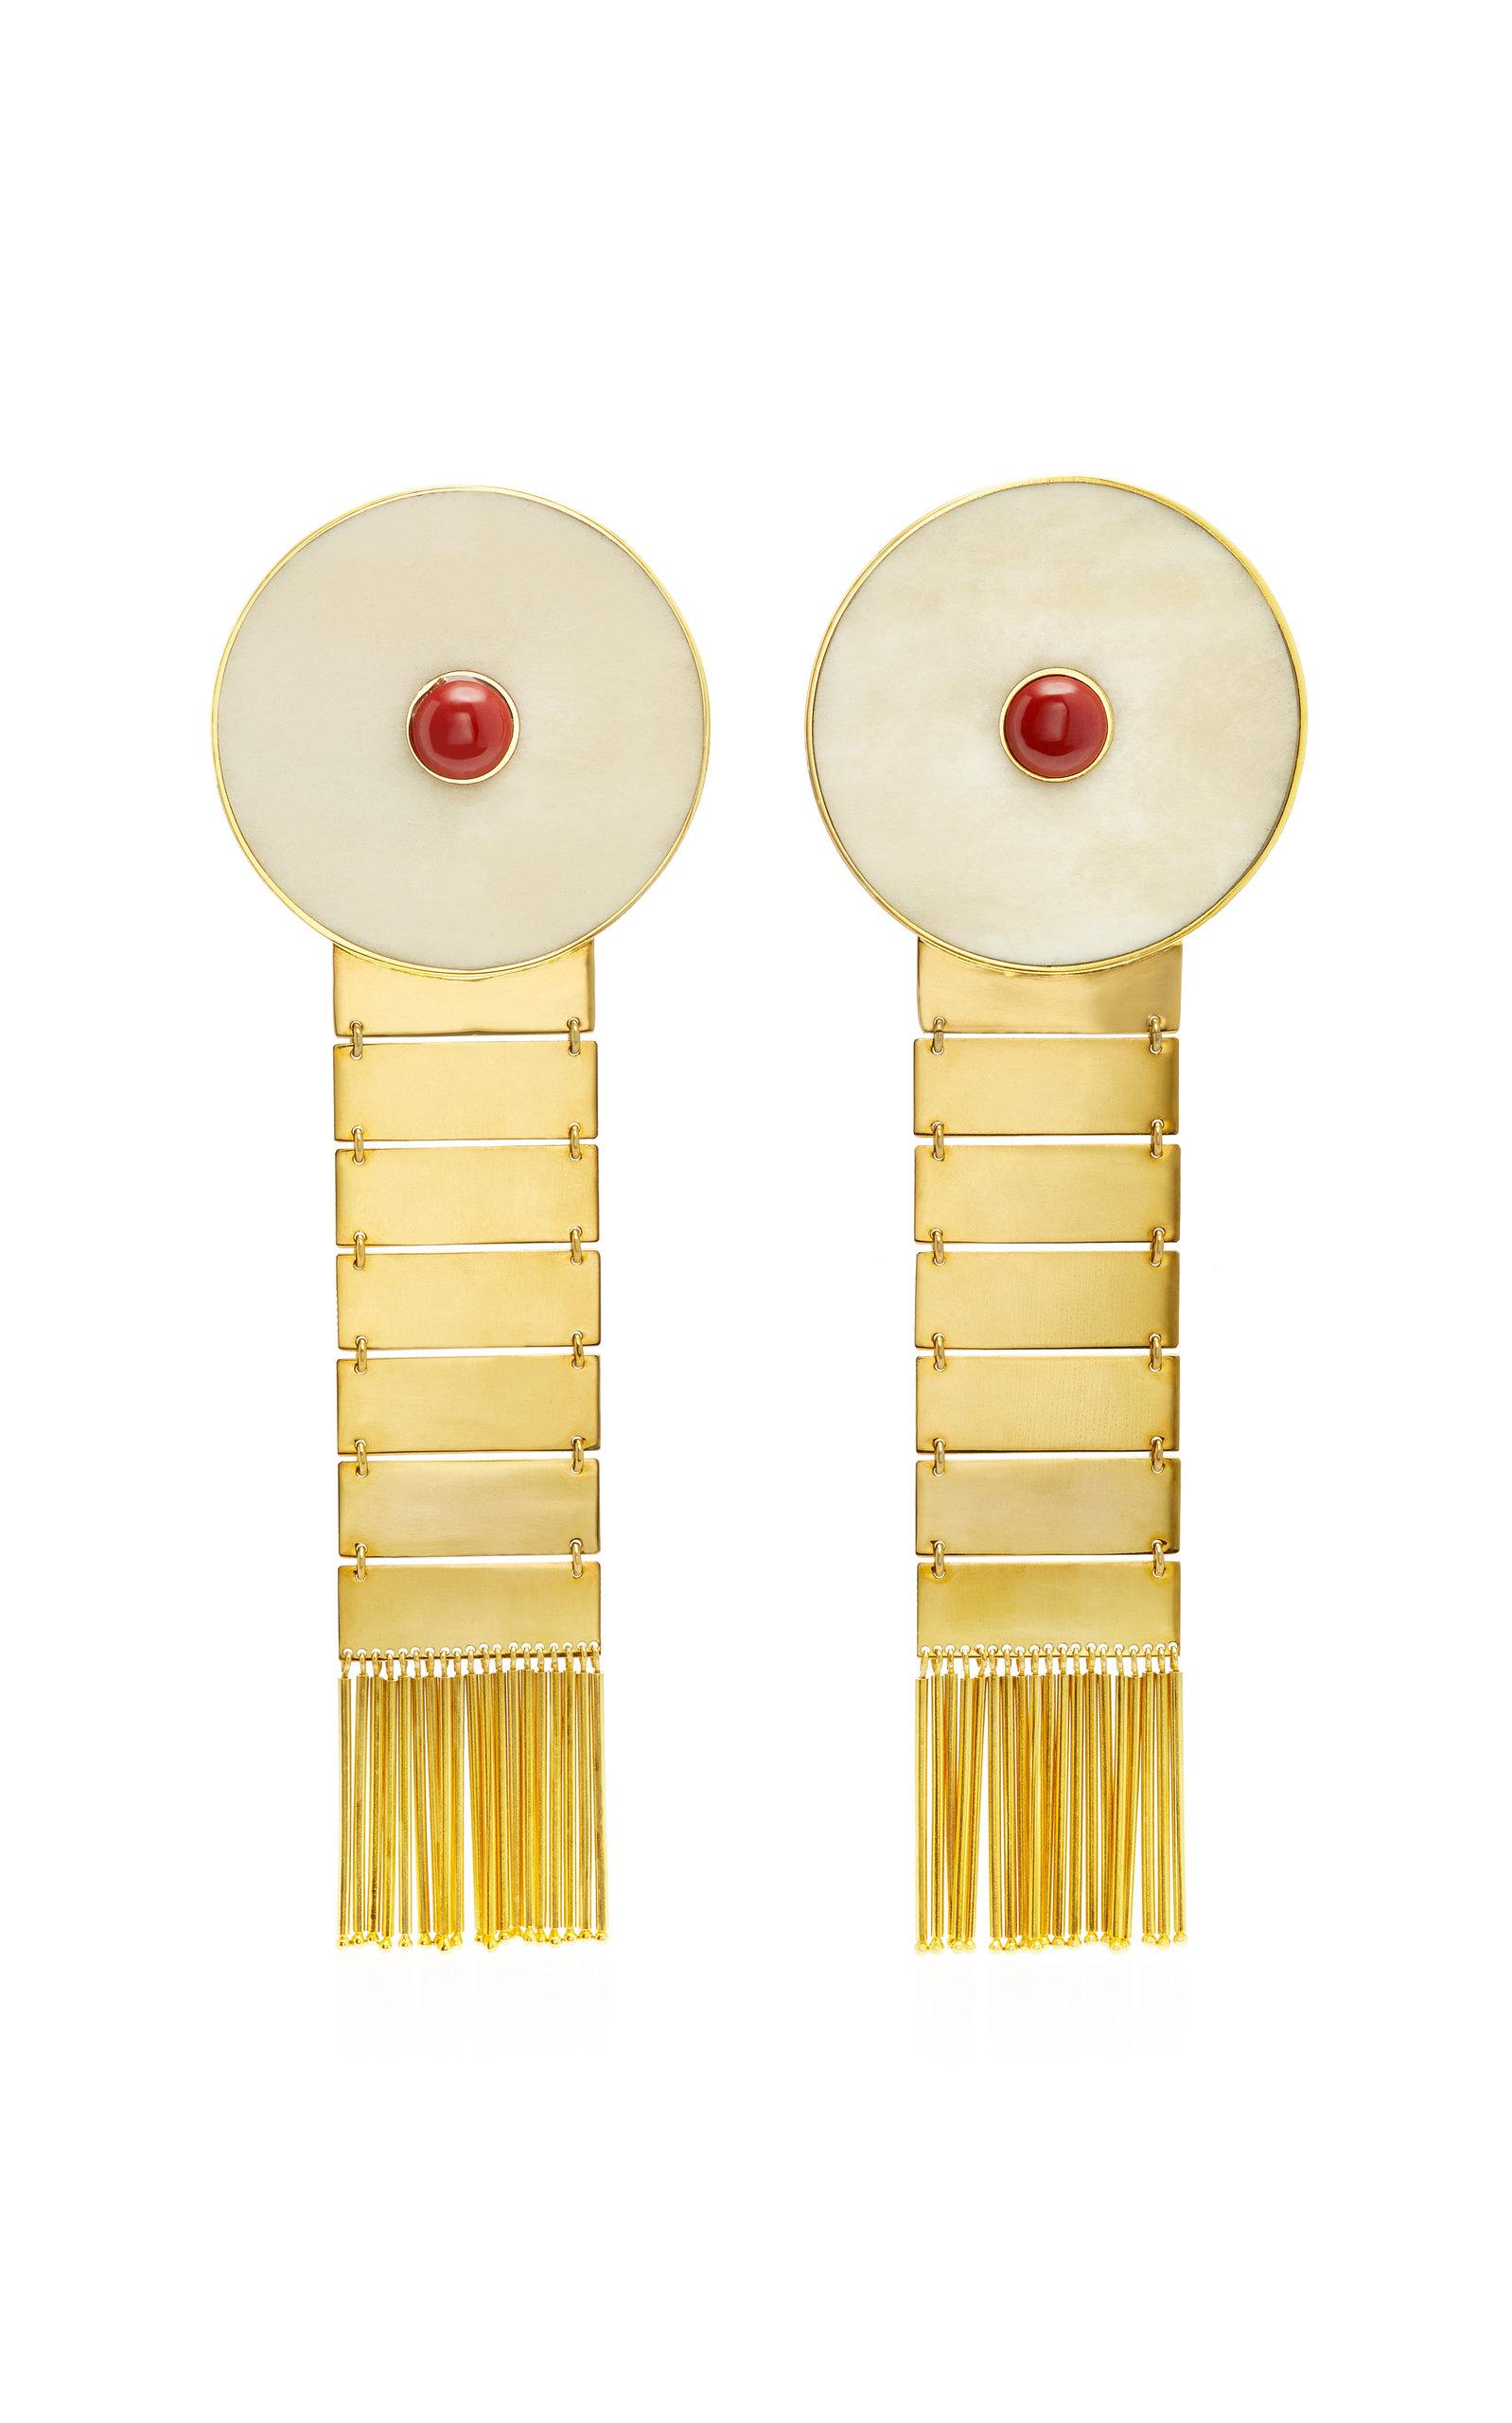 MONICA SORDO KON 24K GOLD-PLATED EARFLARE EARRINGS